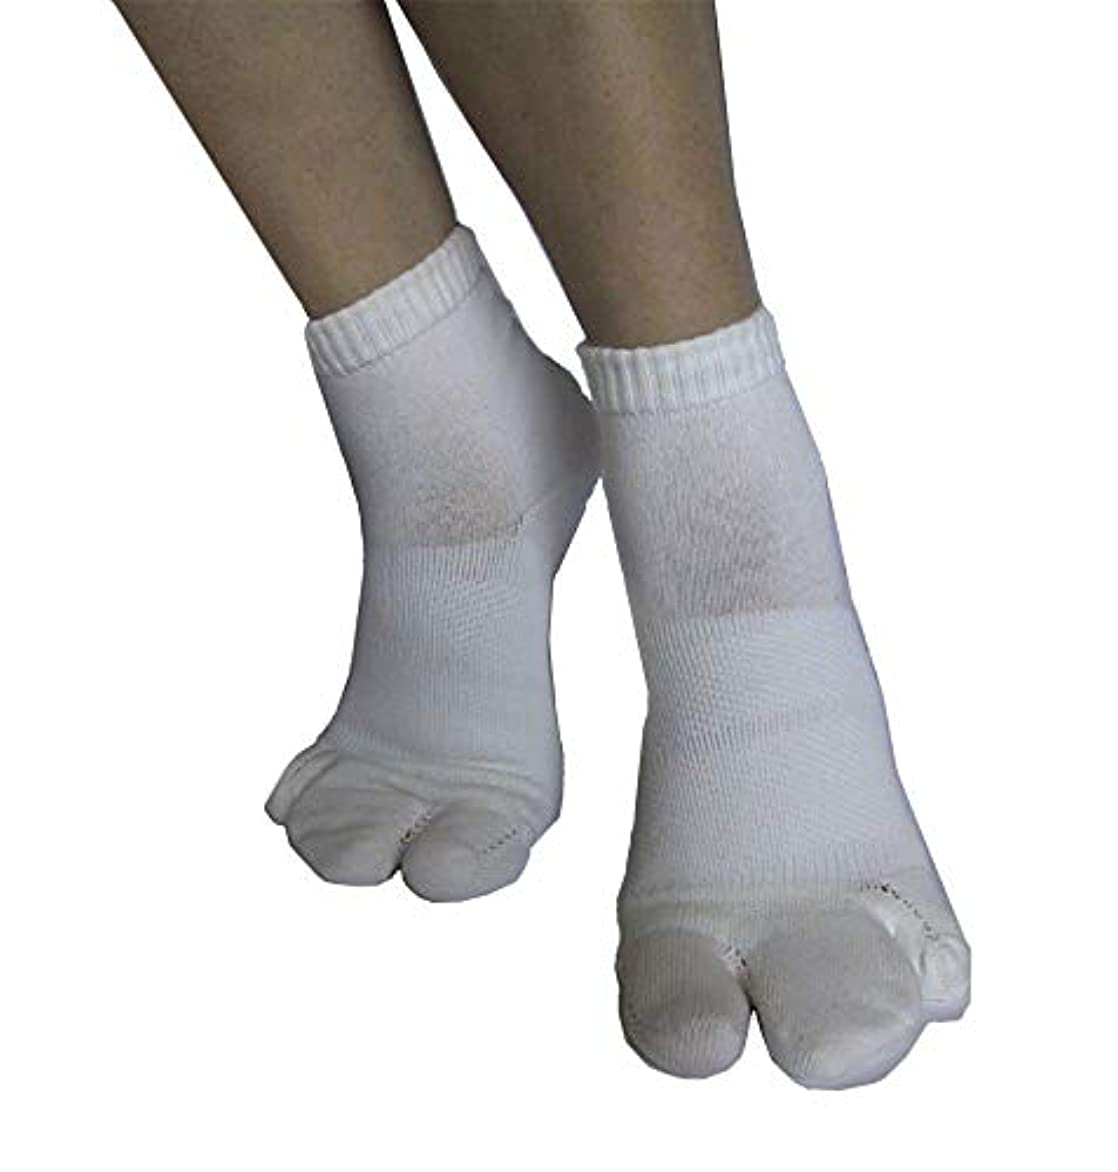 サイズ合併苦しむカサハラ式サポーター ホソックス3本指テーピング靴下 ホワイトS 22-23cm